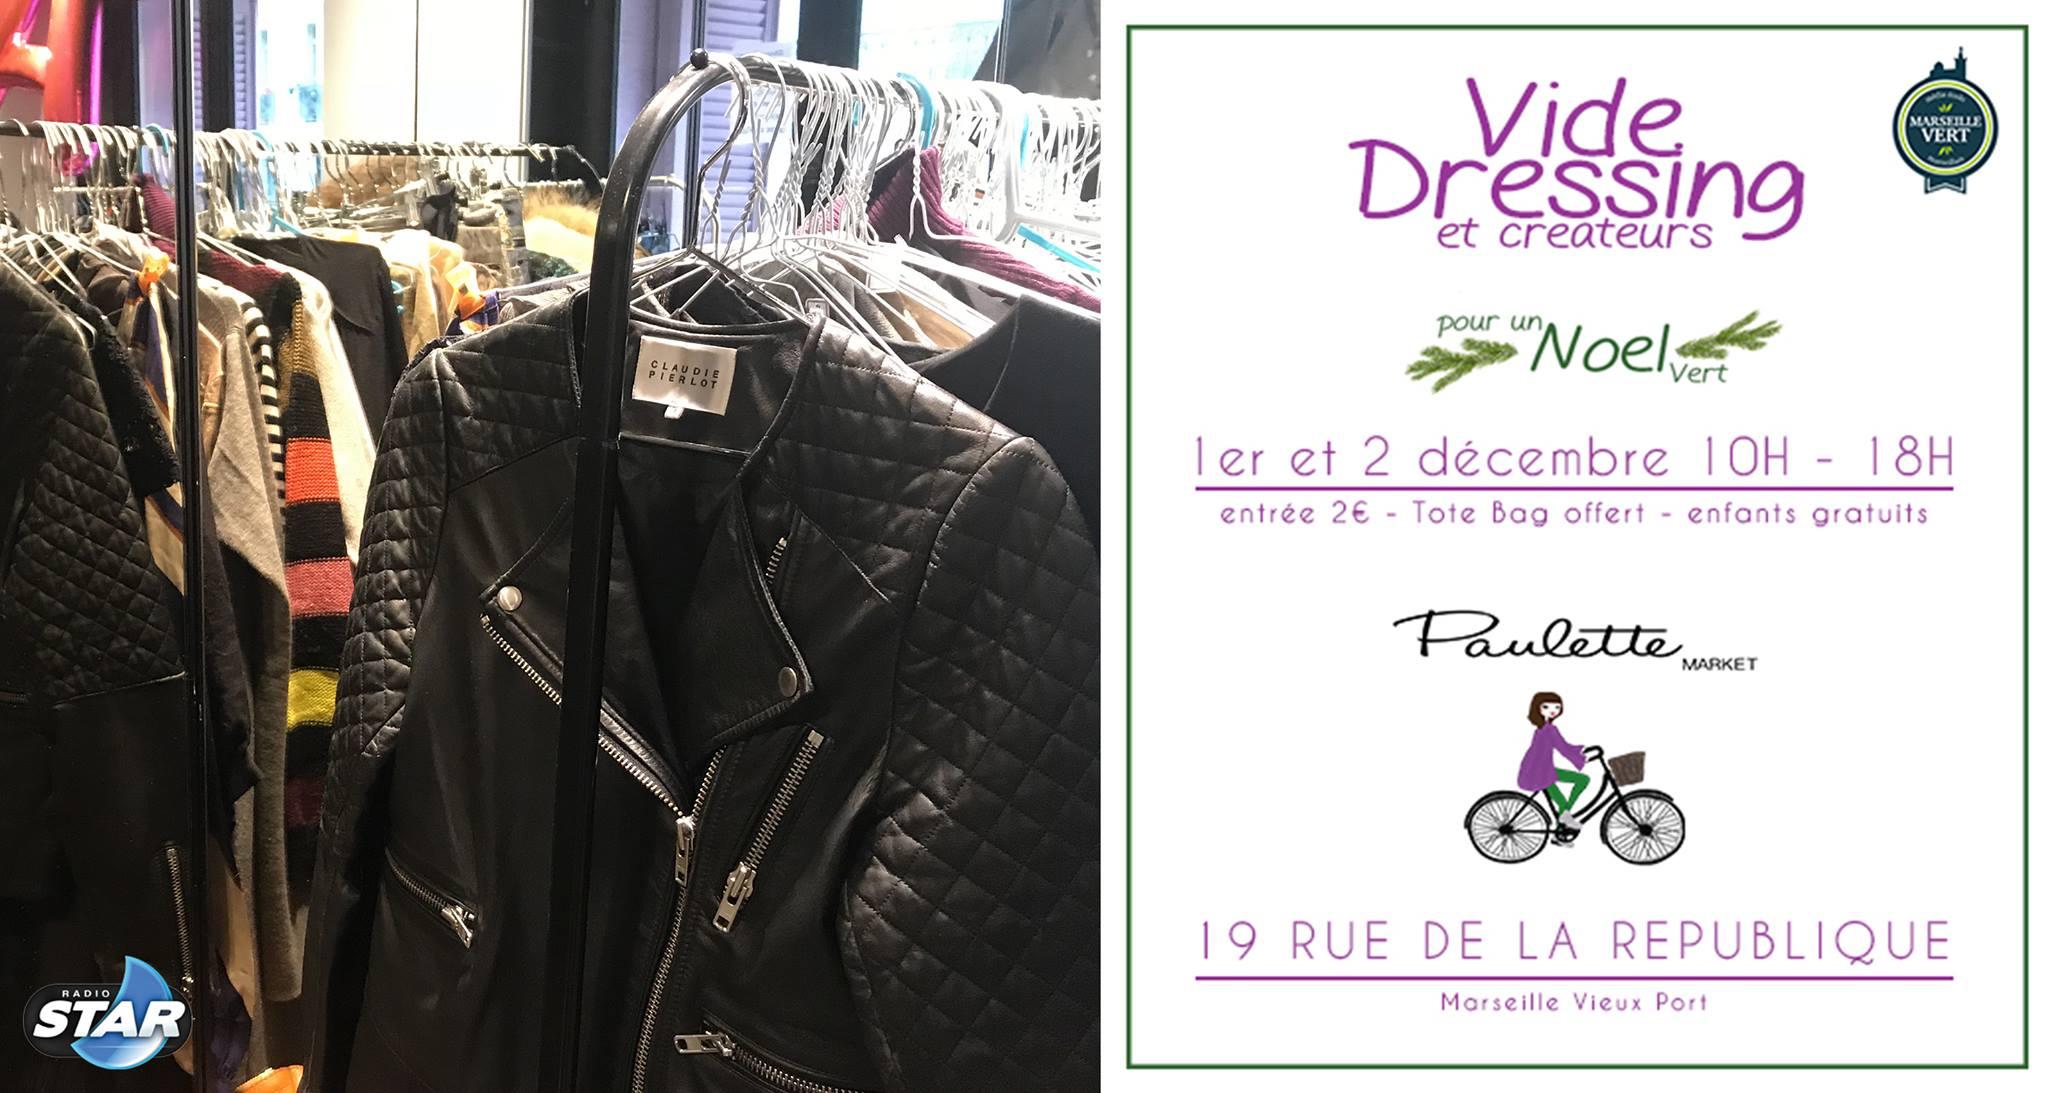 Vide Dressing de Noël by Paulette Market